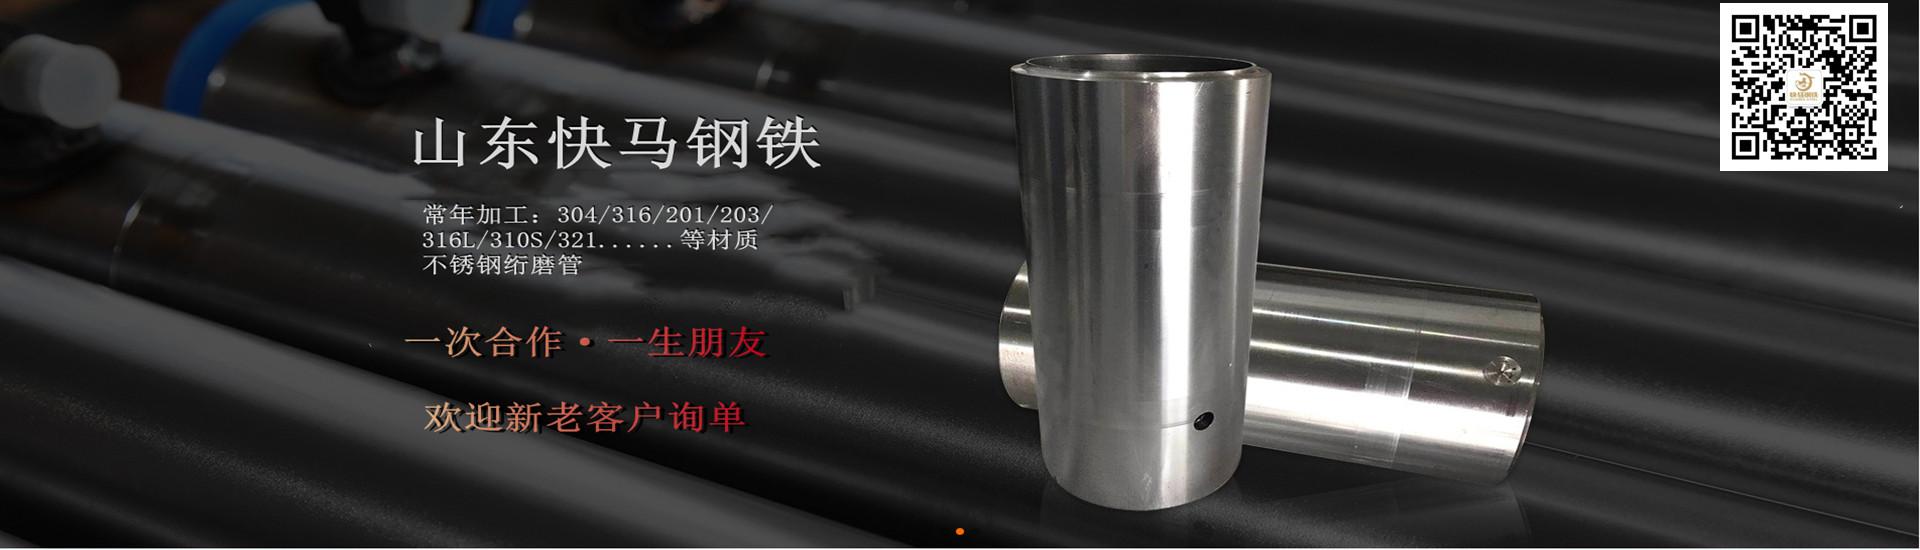 不锈钢绗磨管